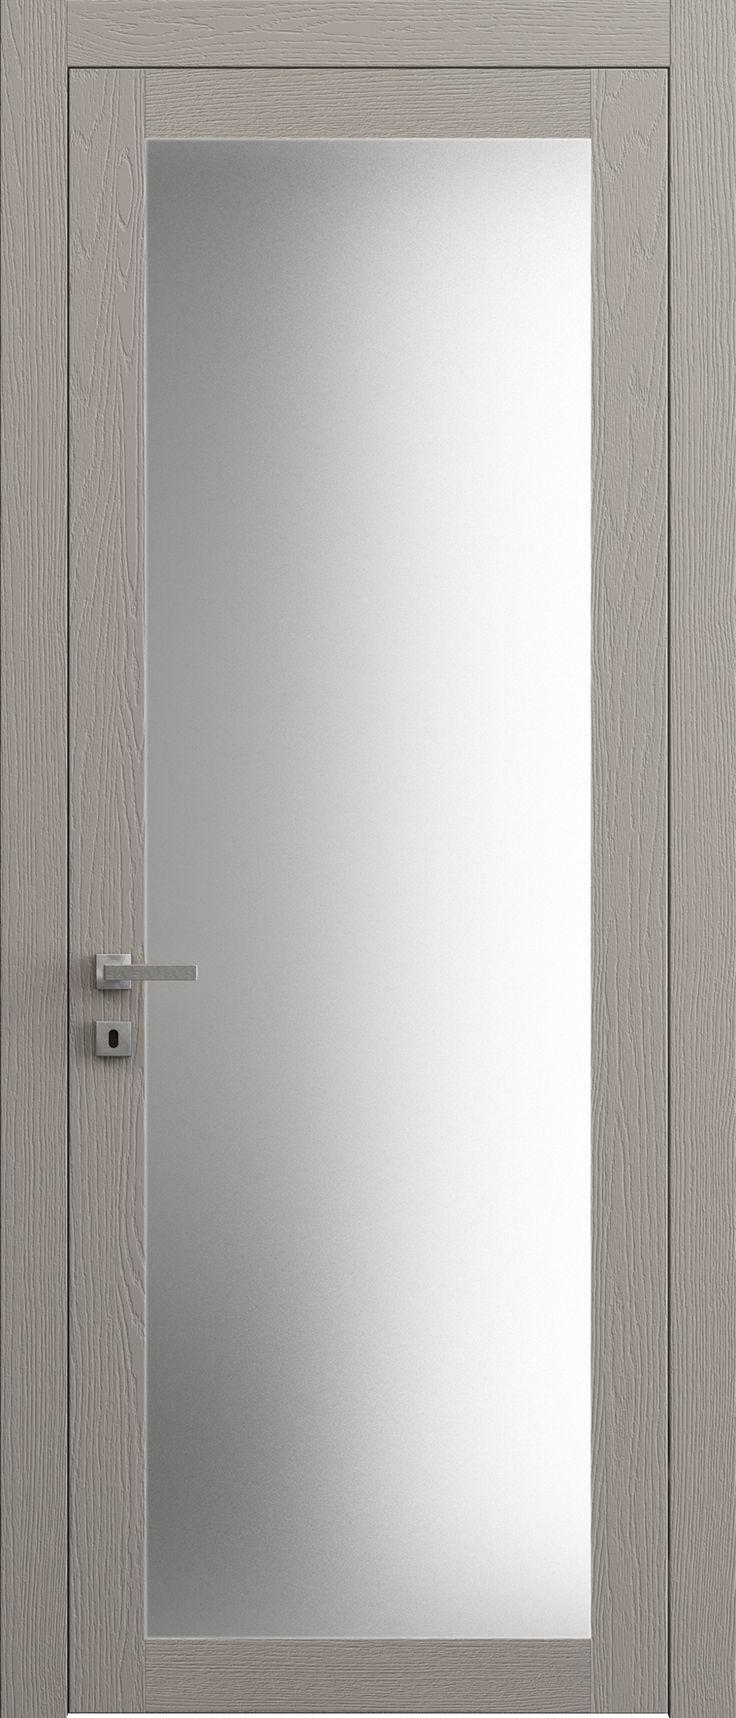 Sarto Planum 2102 Interior Door Dark Gray Ash Vertical